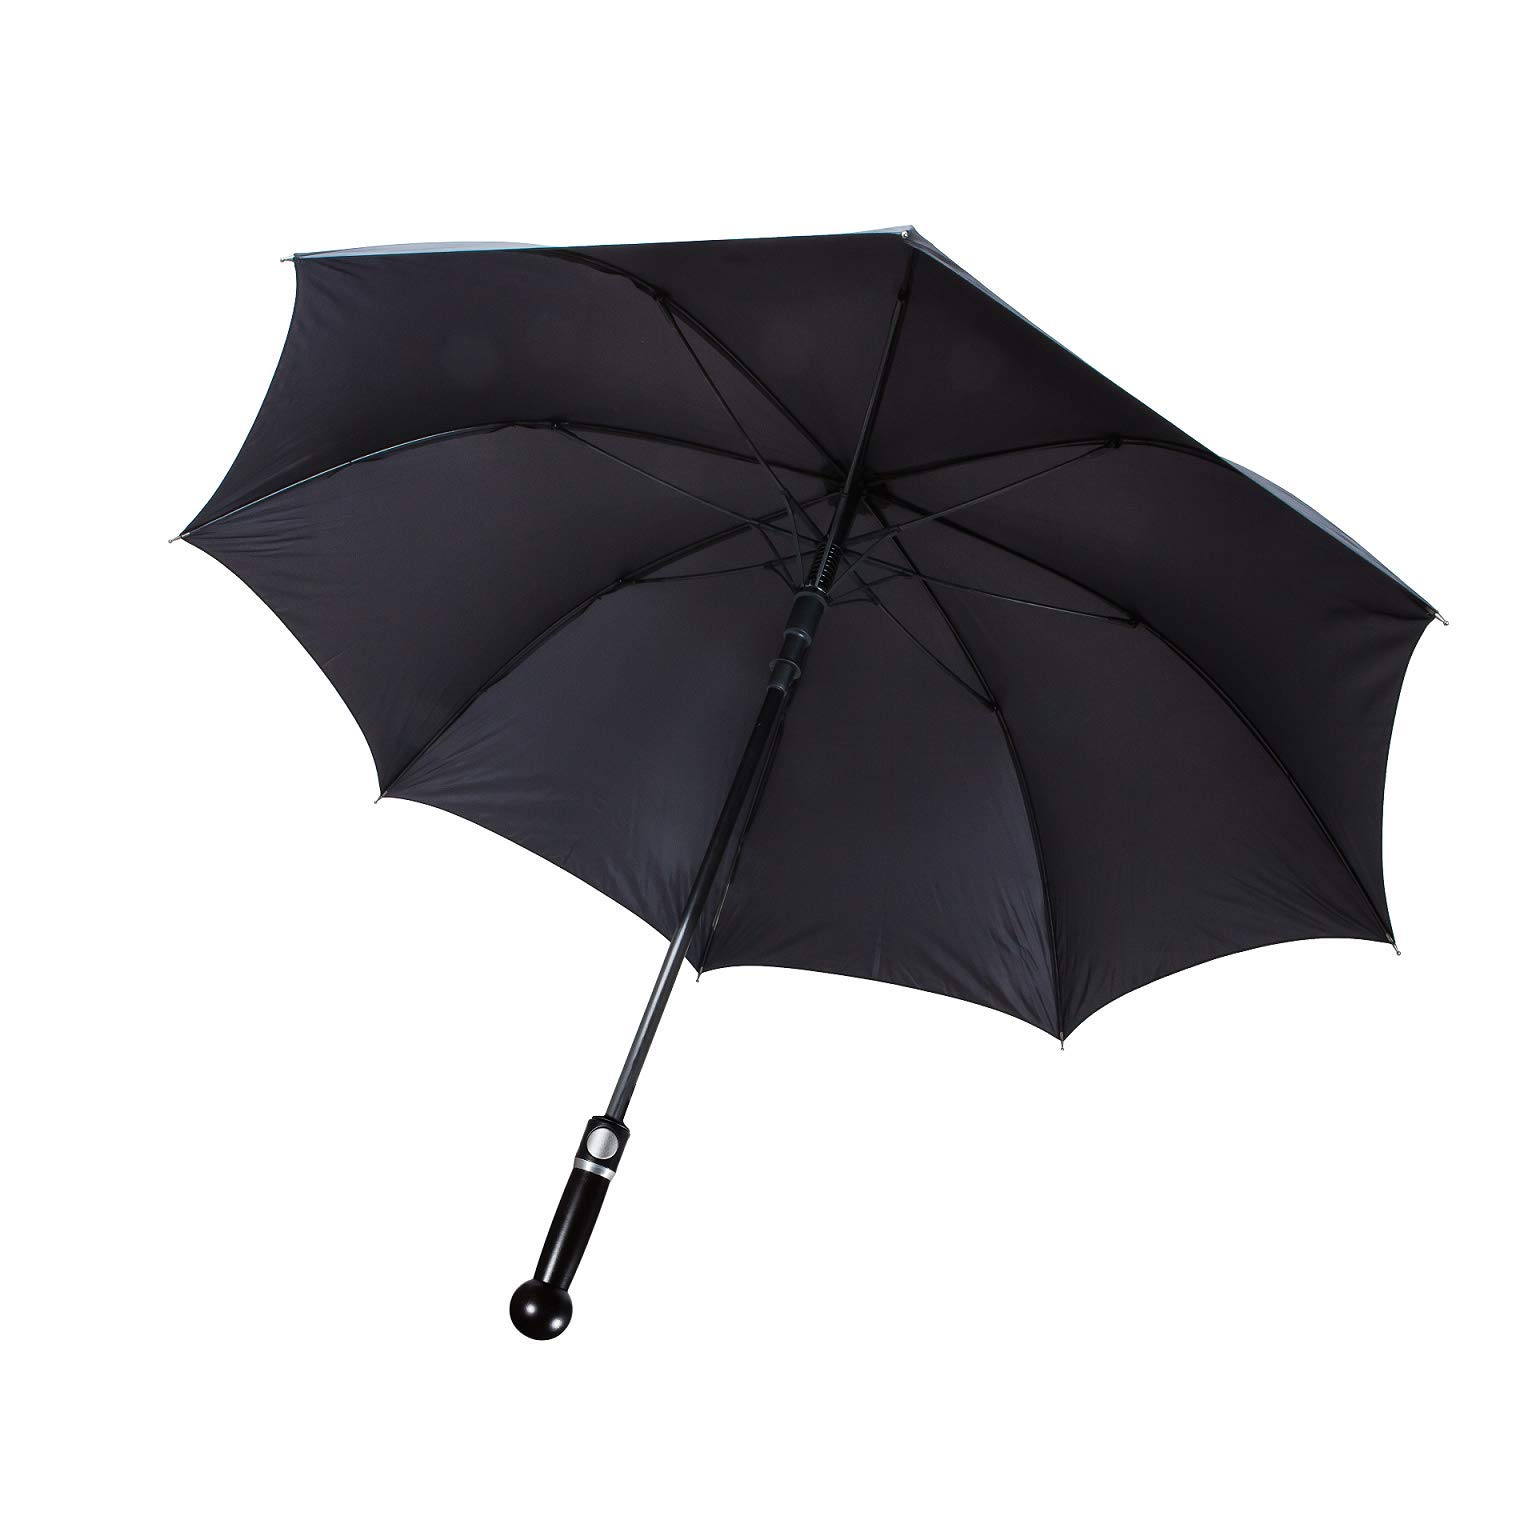 baton self defense umbrella expandable baton umbrella,self defense baton umbrella